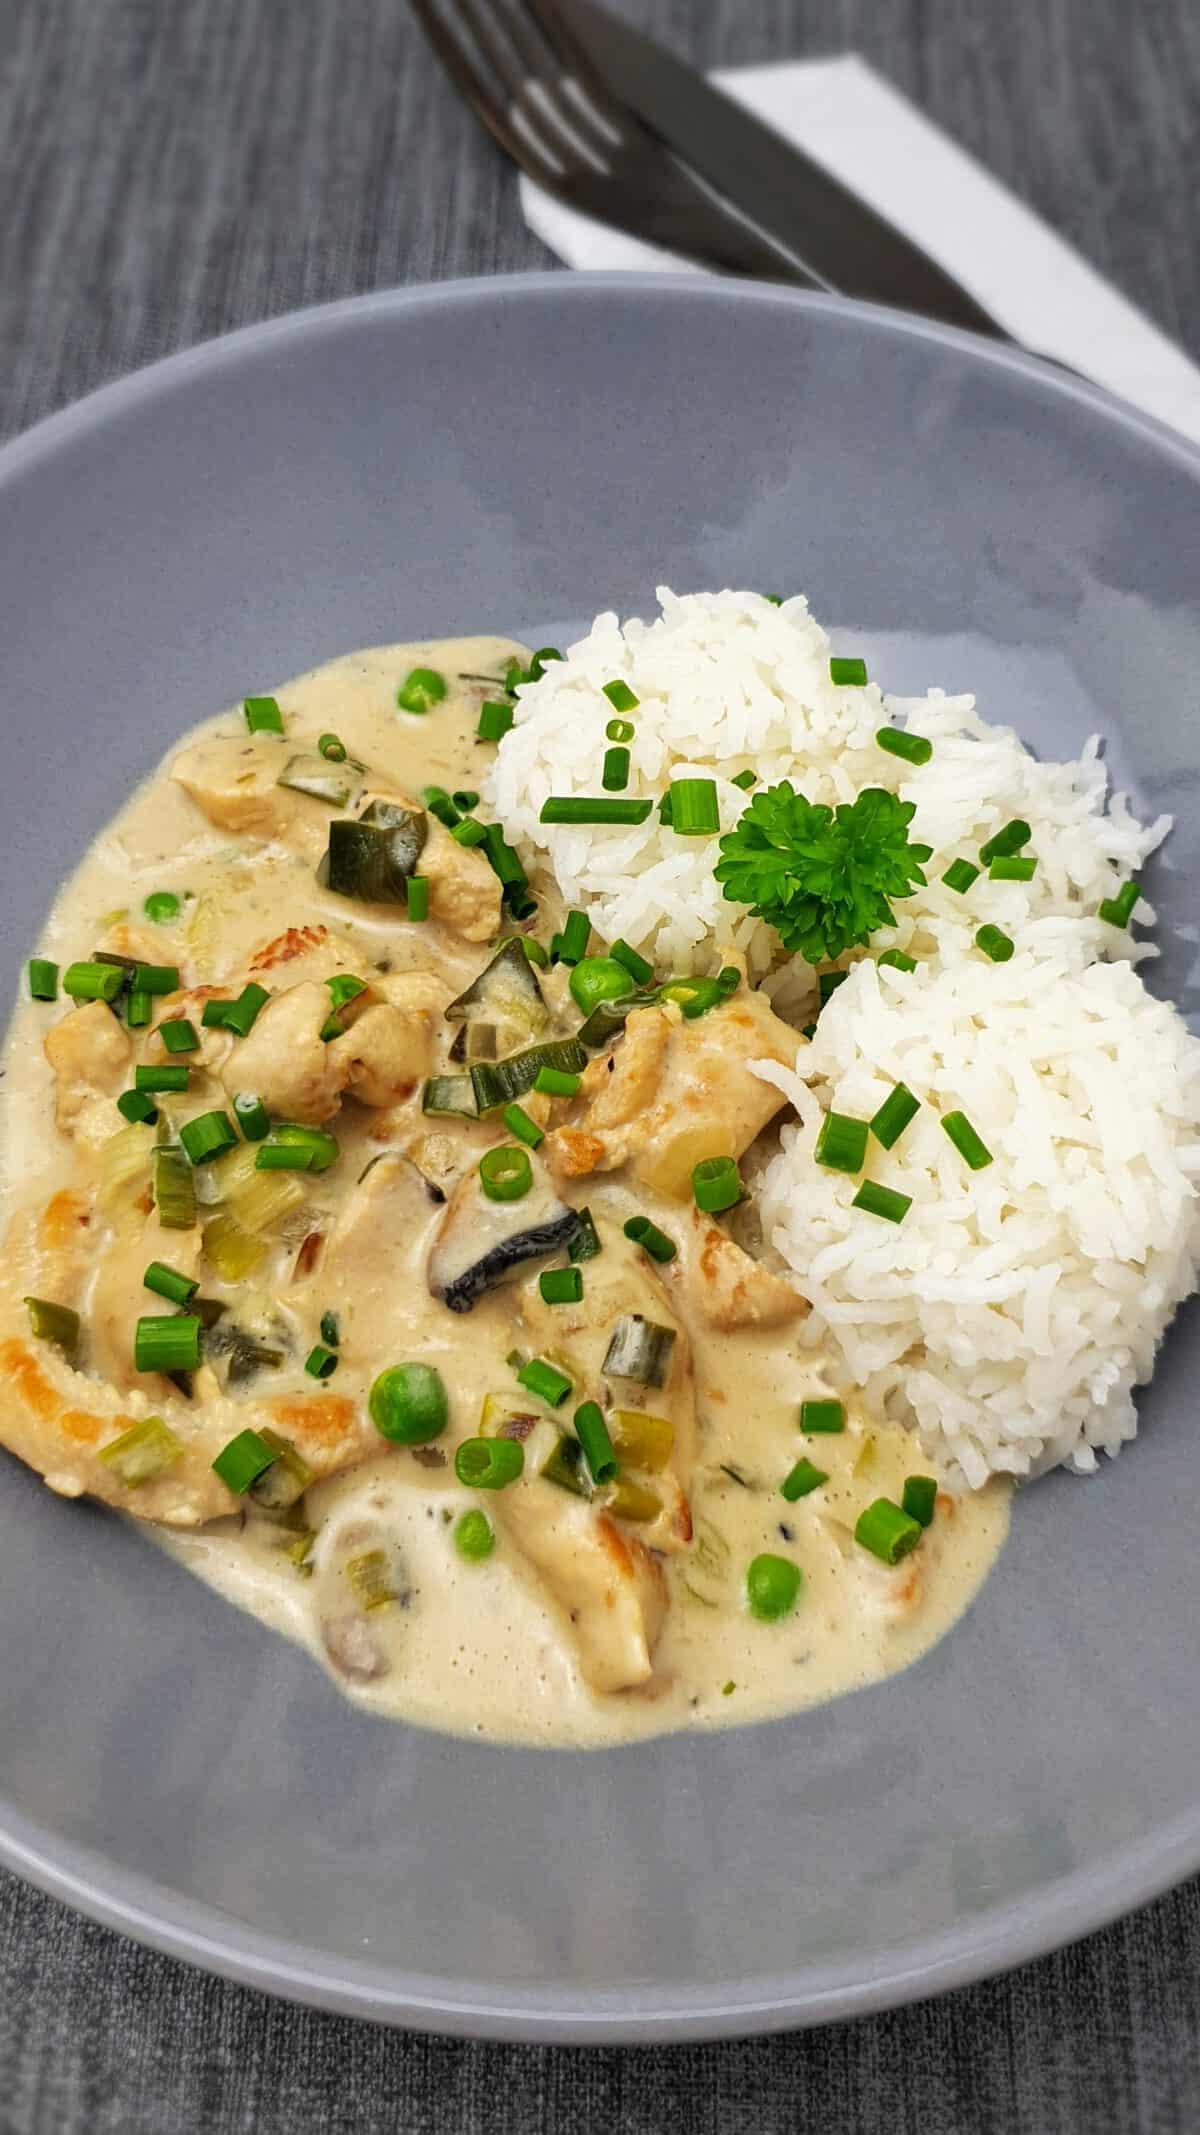 In einer hellgrauen Schale angerichtet Hähnchen-Geschnetzeltes mit Reis und Erbsen, Mit Petersilie bestreut. Daneben Besteck.